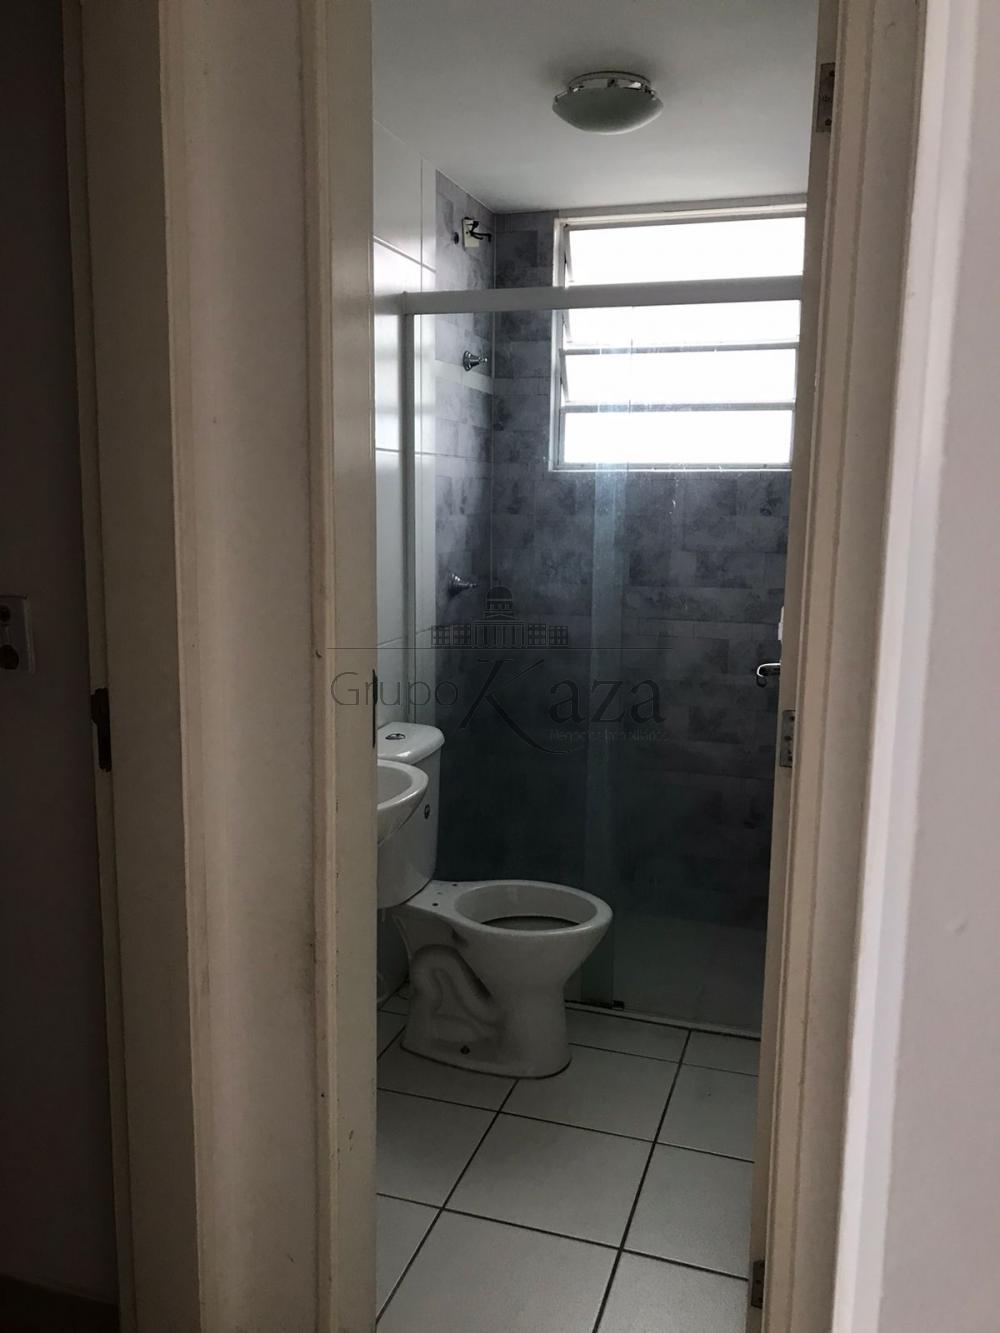 alt='Comprar Apartamento / Padrão em São José dos Campos R$ 171.000,00 - Foto 9' title='Comprar Apartamento / Padrão em São José dos Campos R$ 171.000,00 - Foto 9'